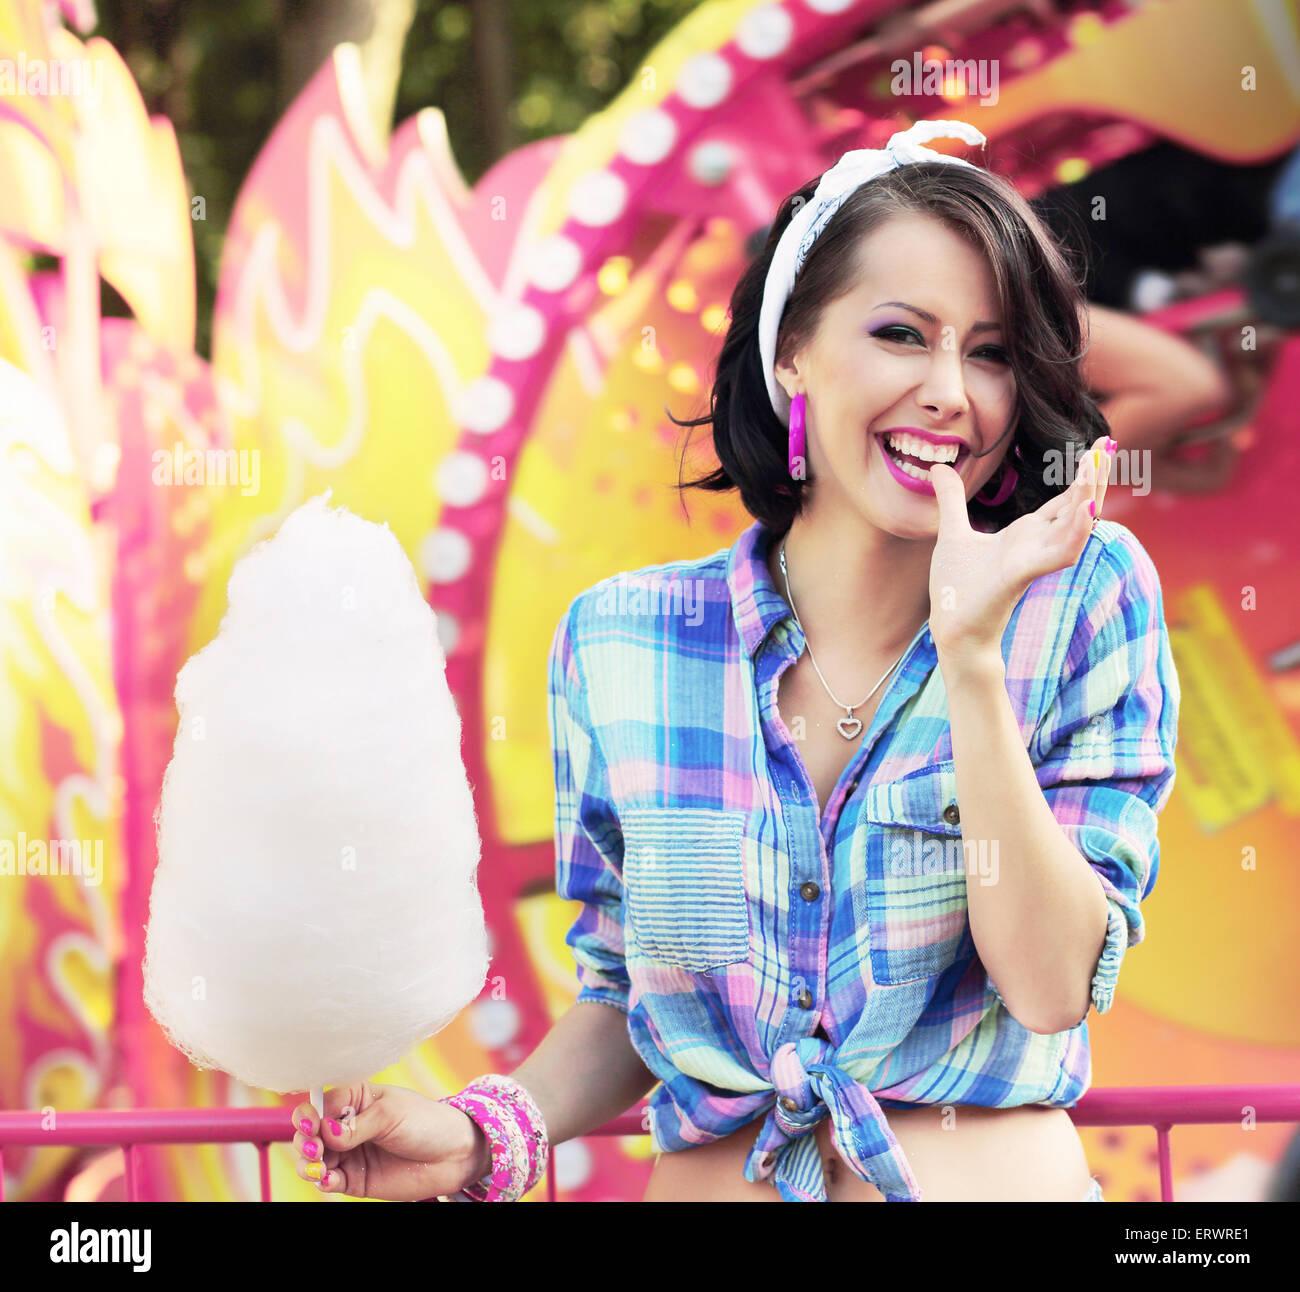 Toothy Lächeln. Junge Frau mit Zuckerwatte im Vergnügungspark Stockbild